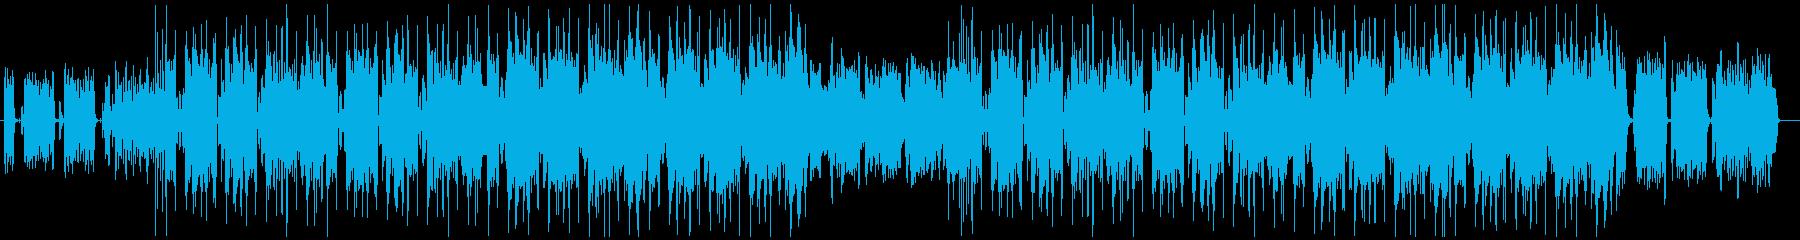 シンセが煌びやかなフューチャーR&Bの再生済みの波形